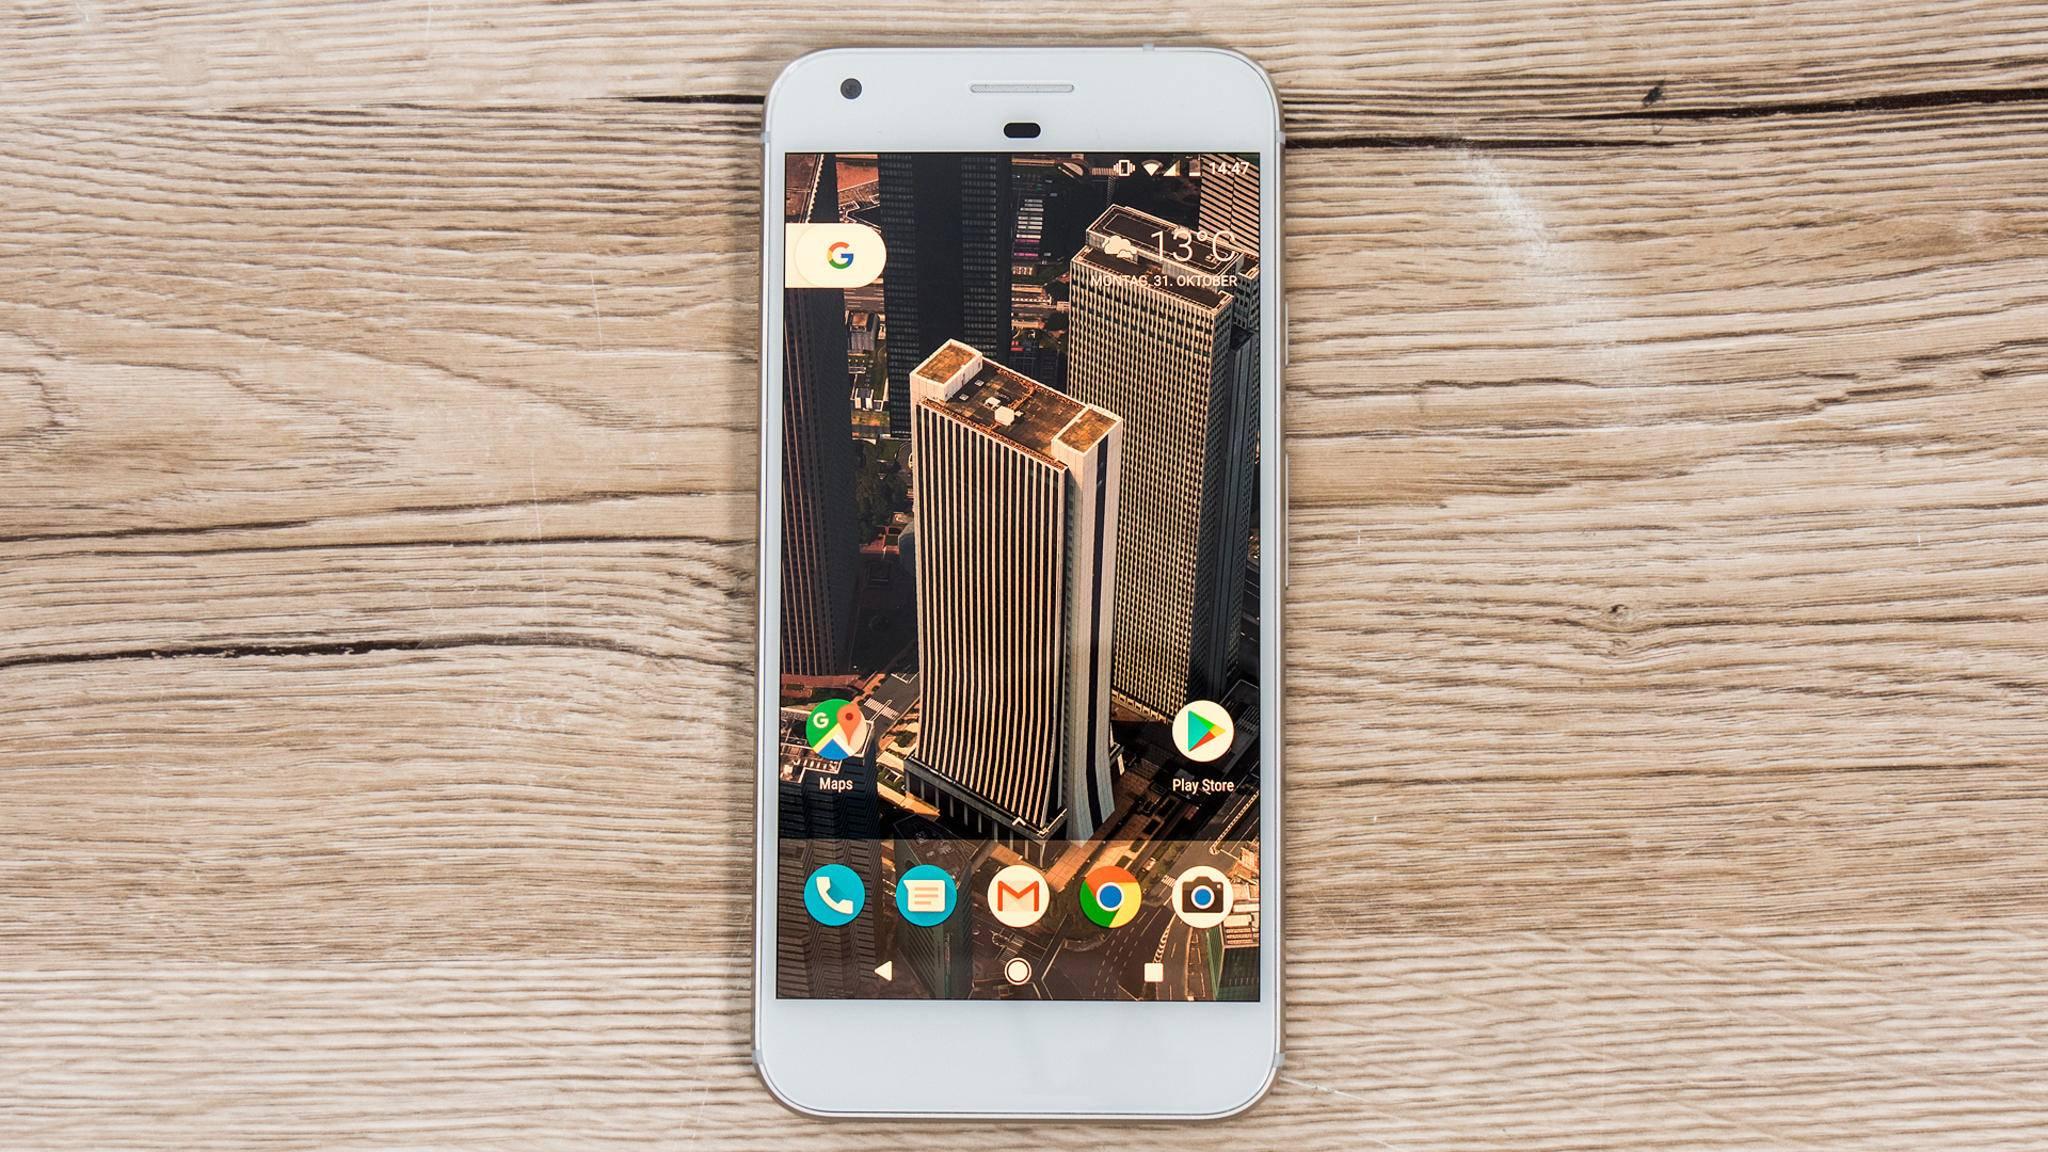 Das Pixel XL überschreitet mit einem 128 GB großen Speicher die 1000-Euro-Grenze.